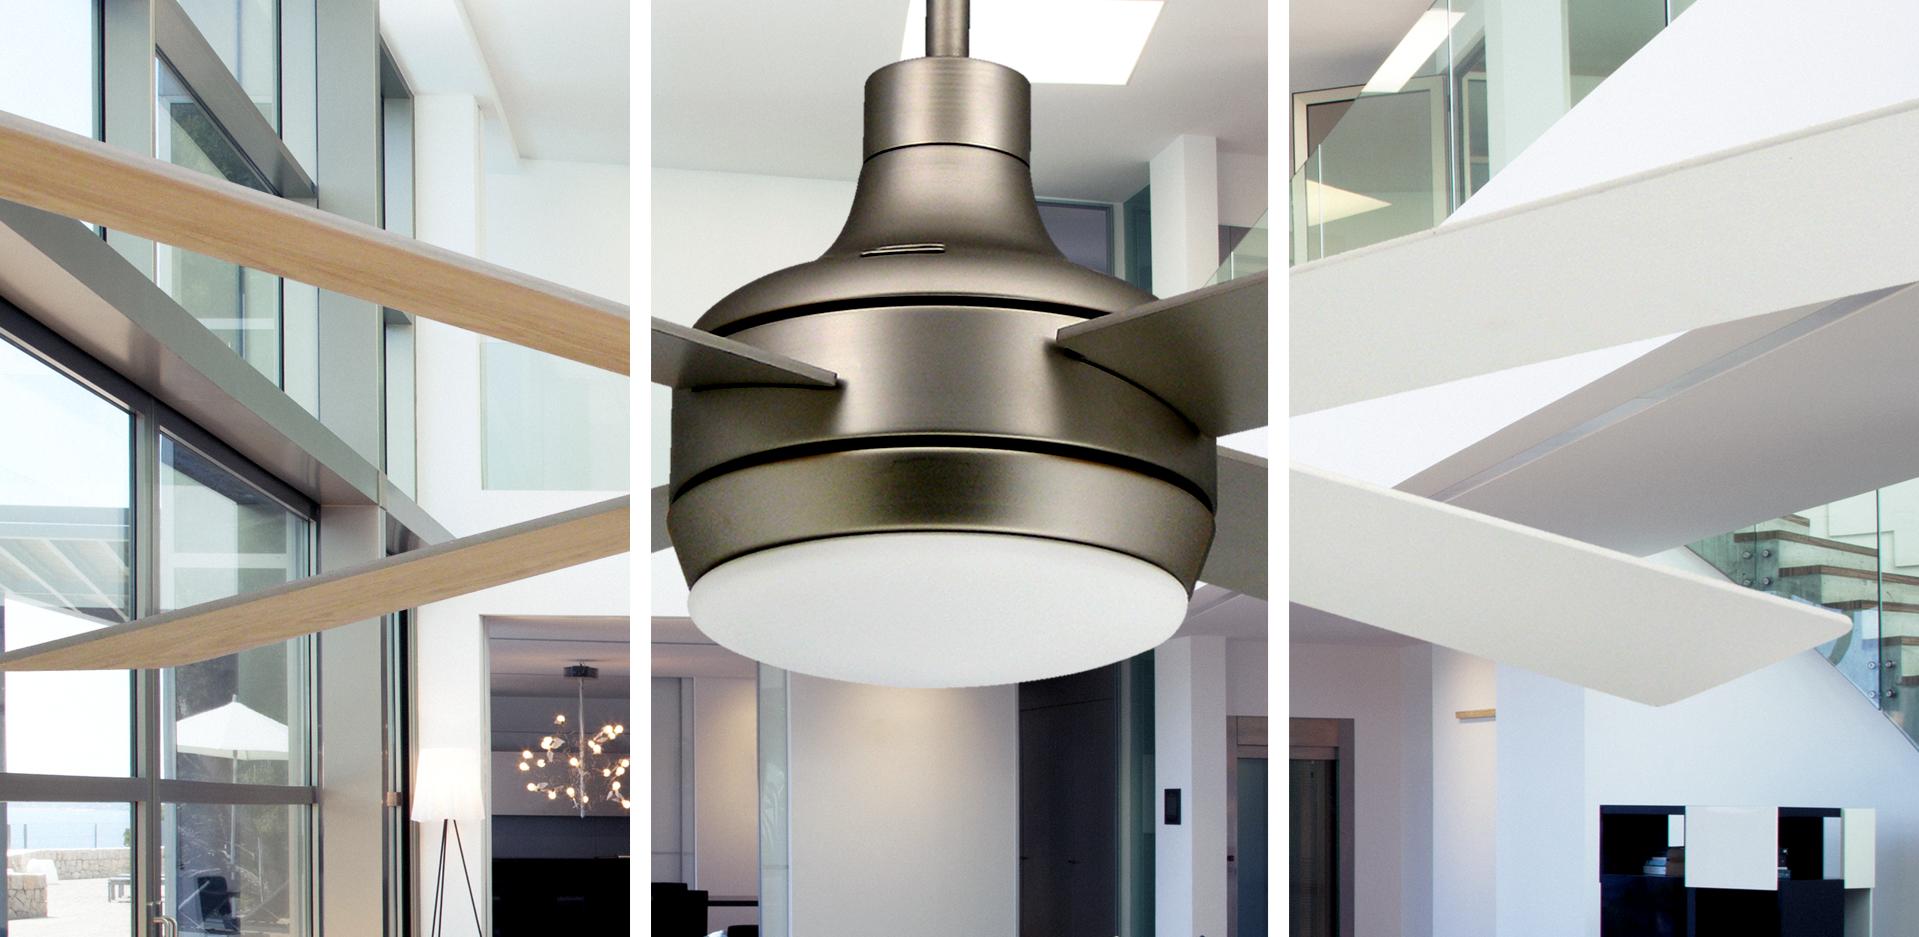 Dans Fan City Ceiling Fans Parts Accessories Triple Single Pole Light Switch Wiringlightingjpg Slider Image